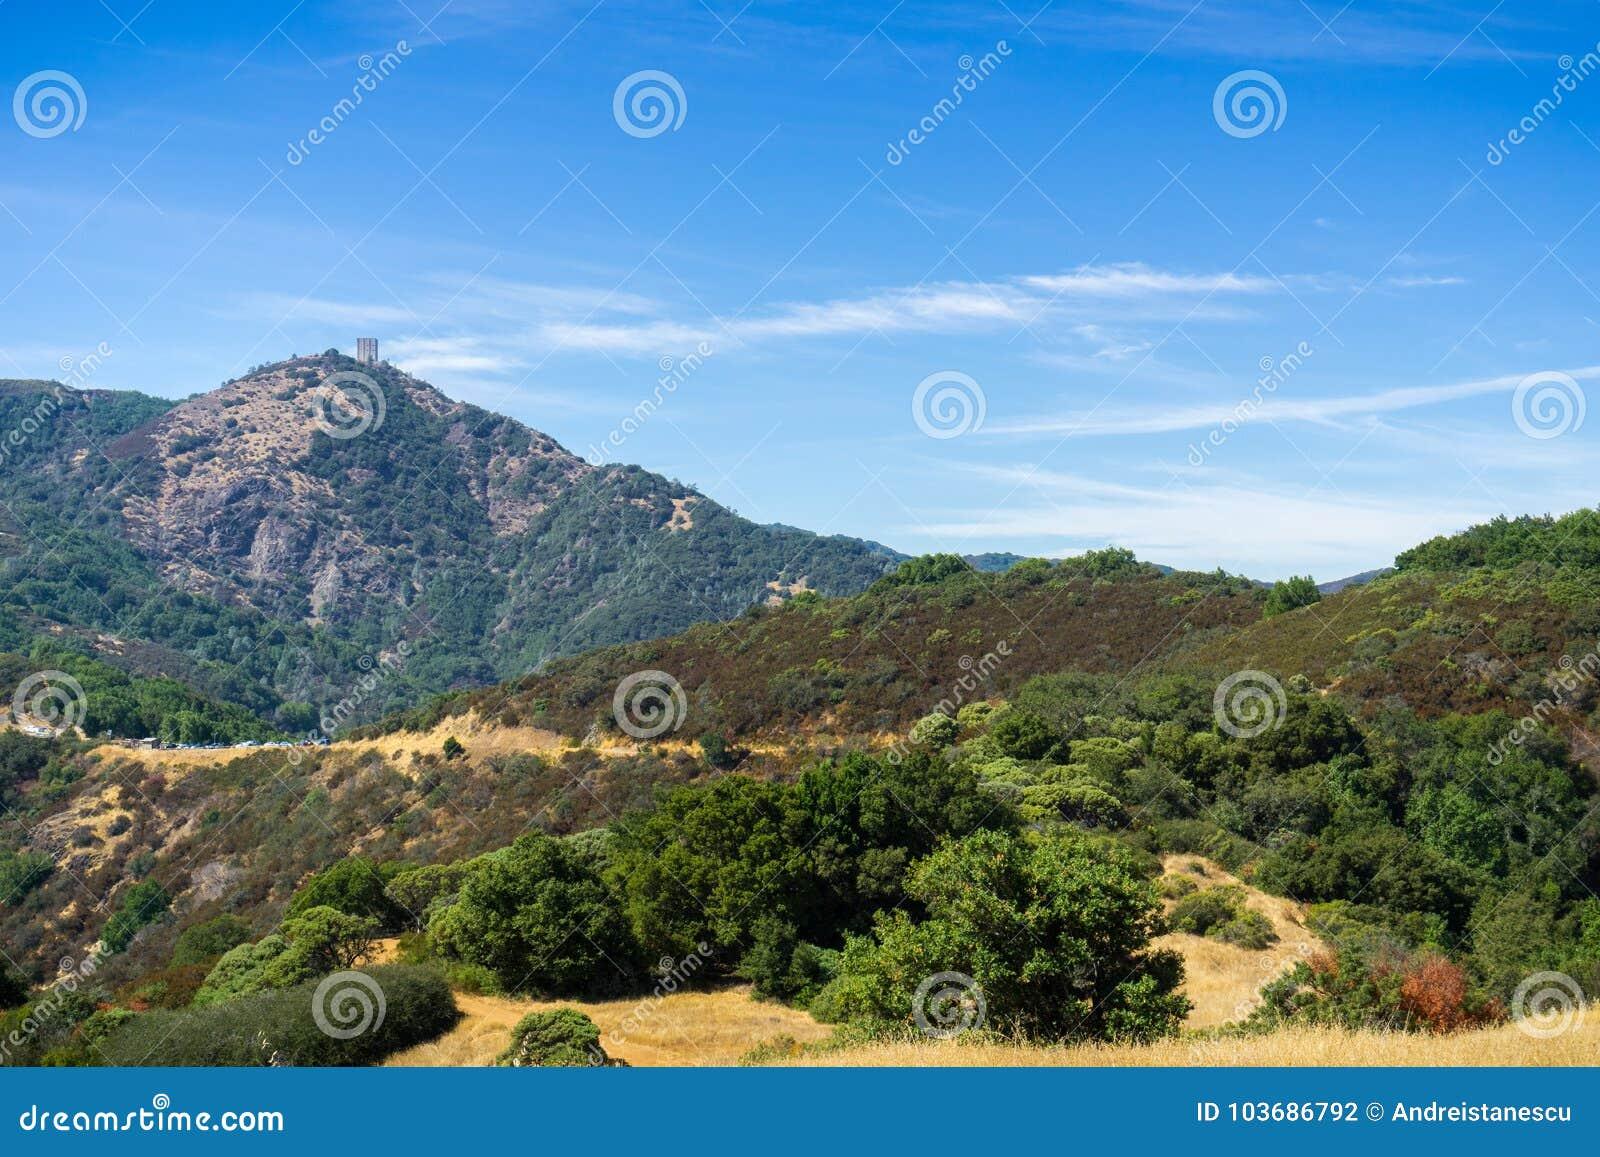 Ansicht in Richtung zum Berg Umunhum vom kahlen Berg